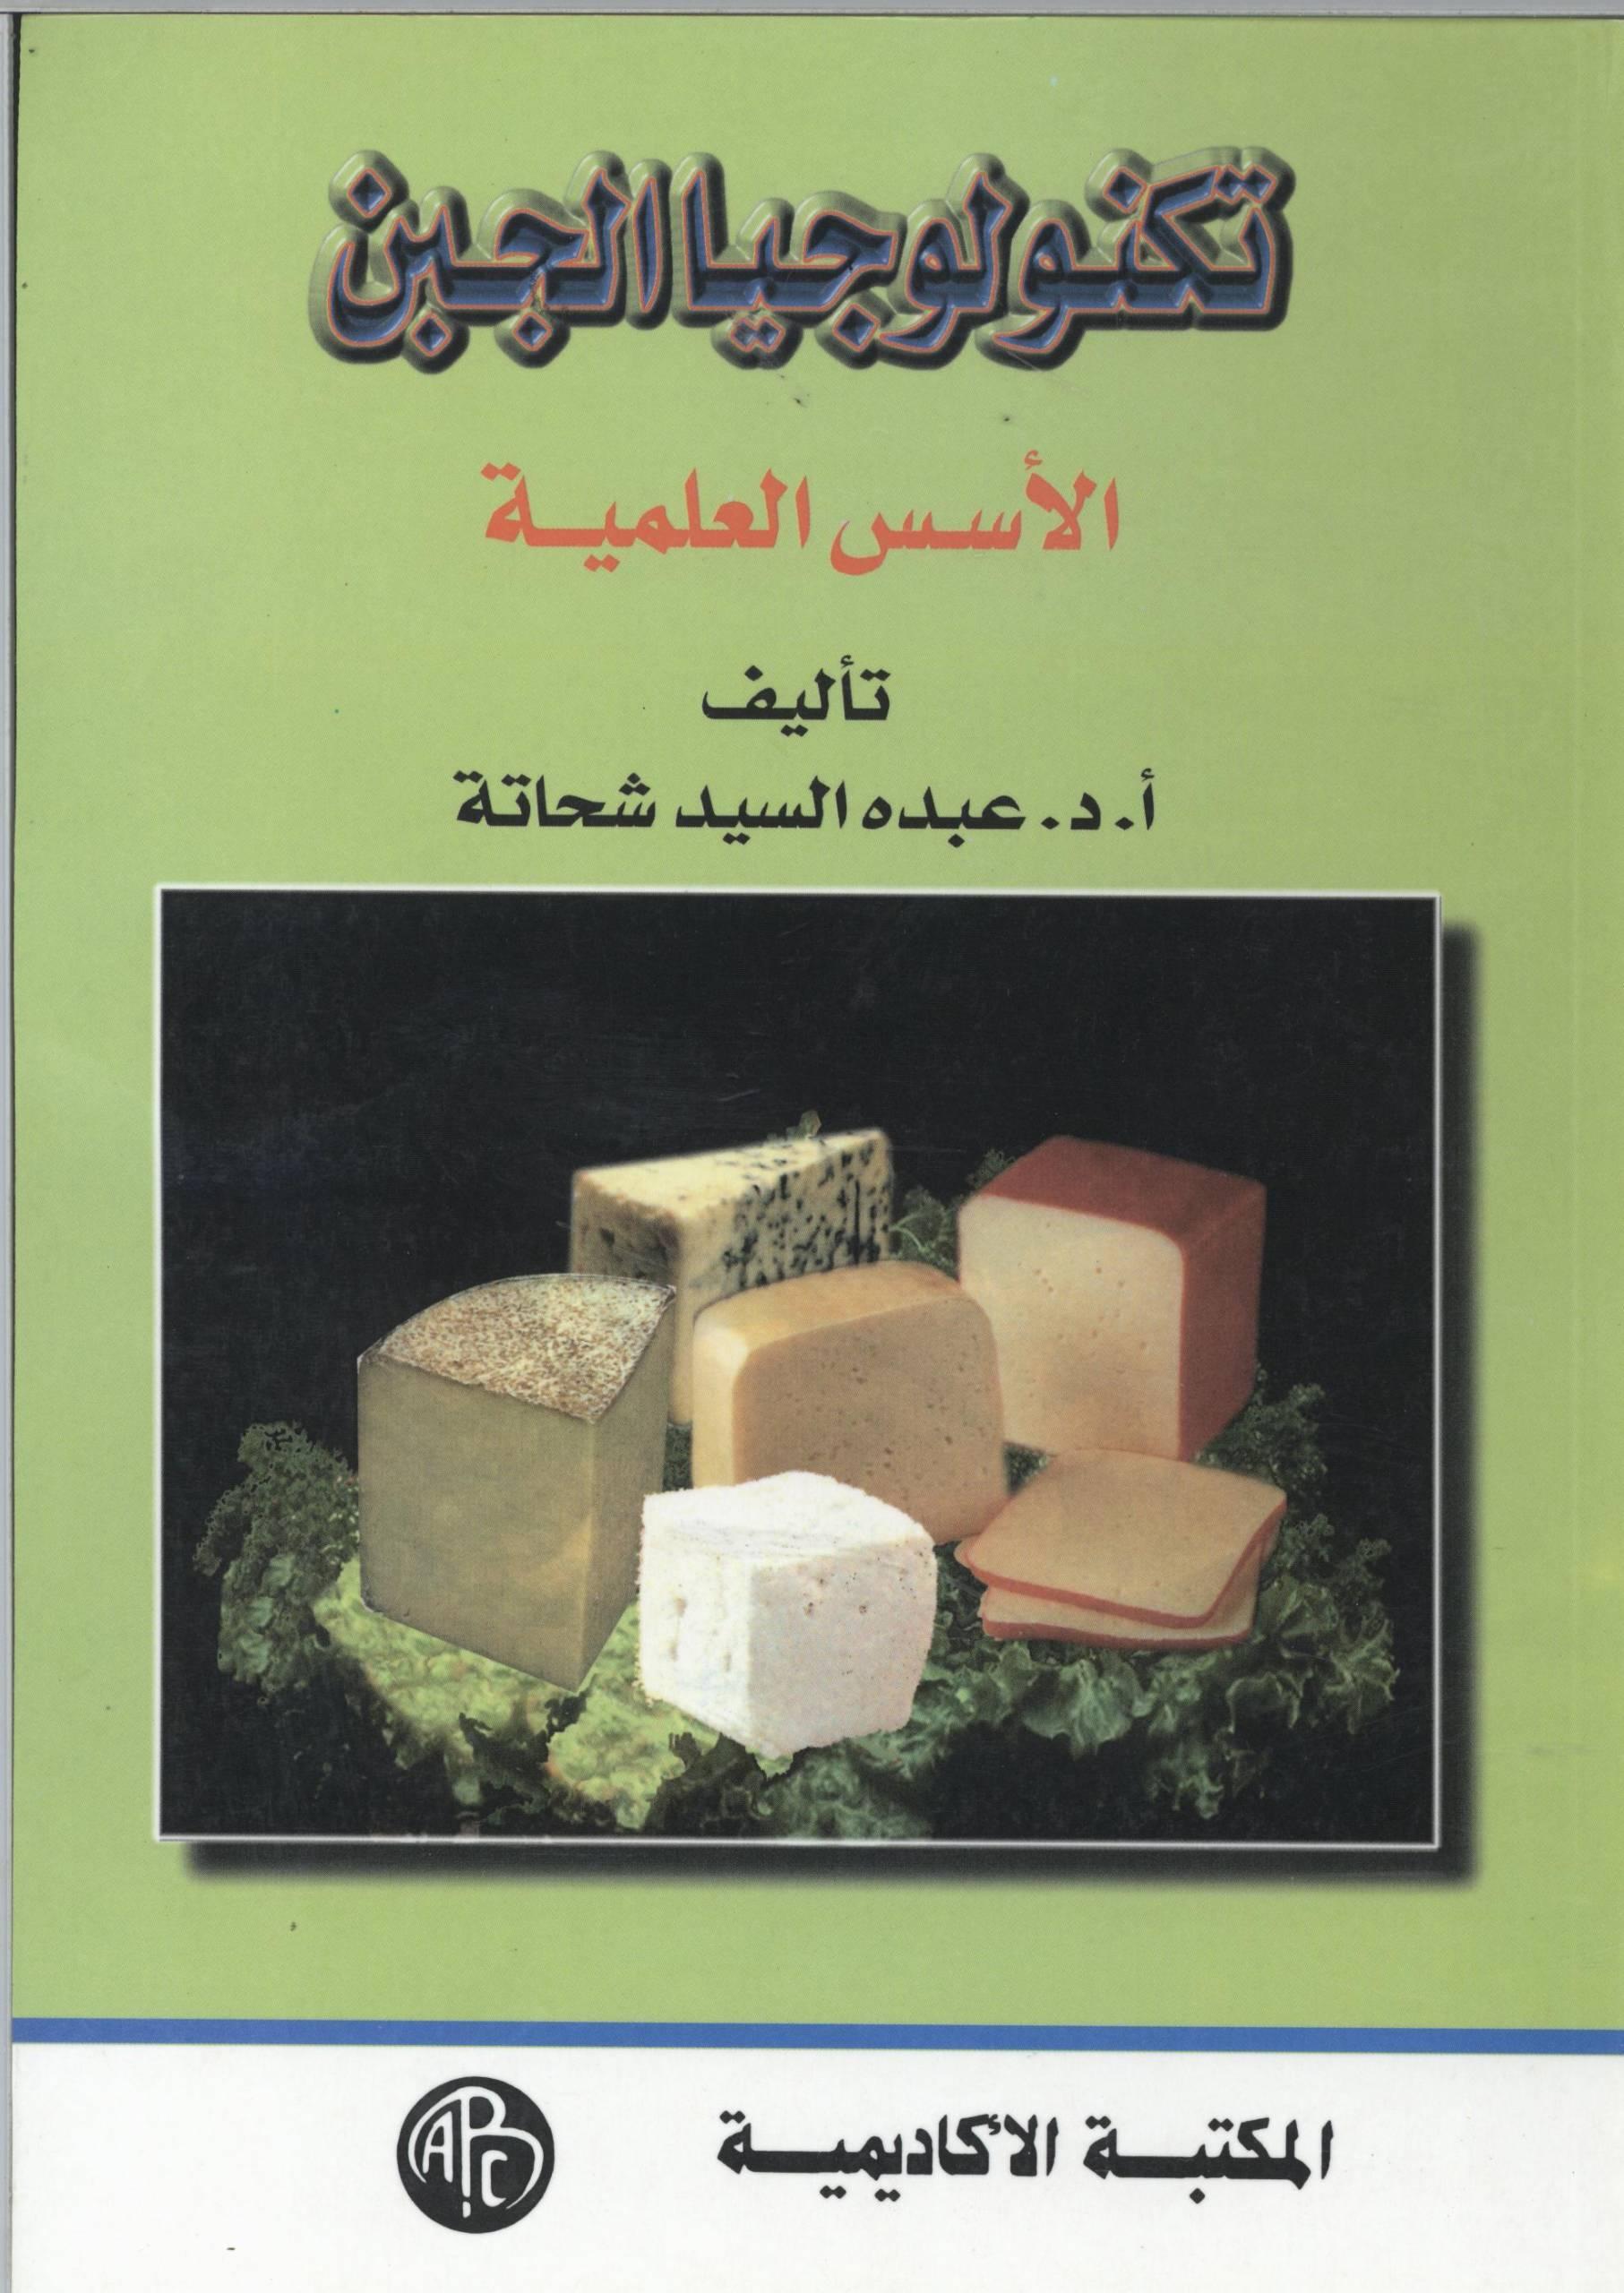 تكنولوجيا الجبن